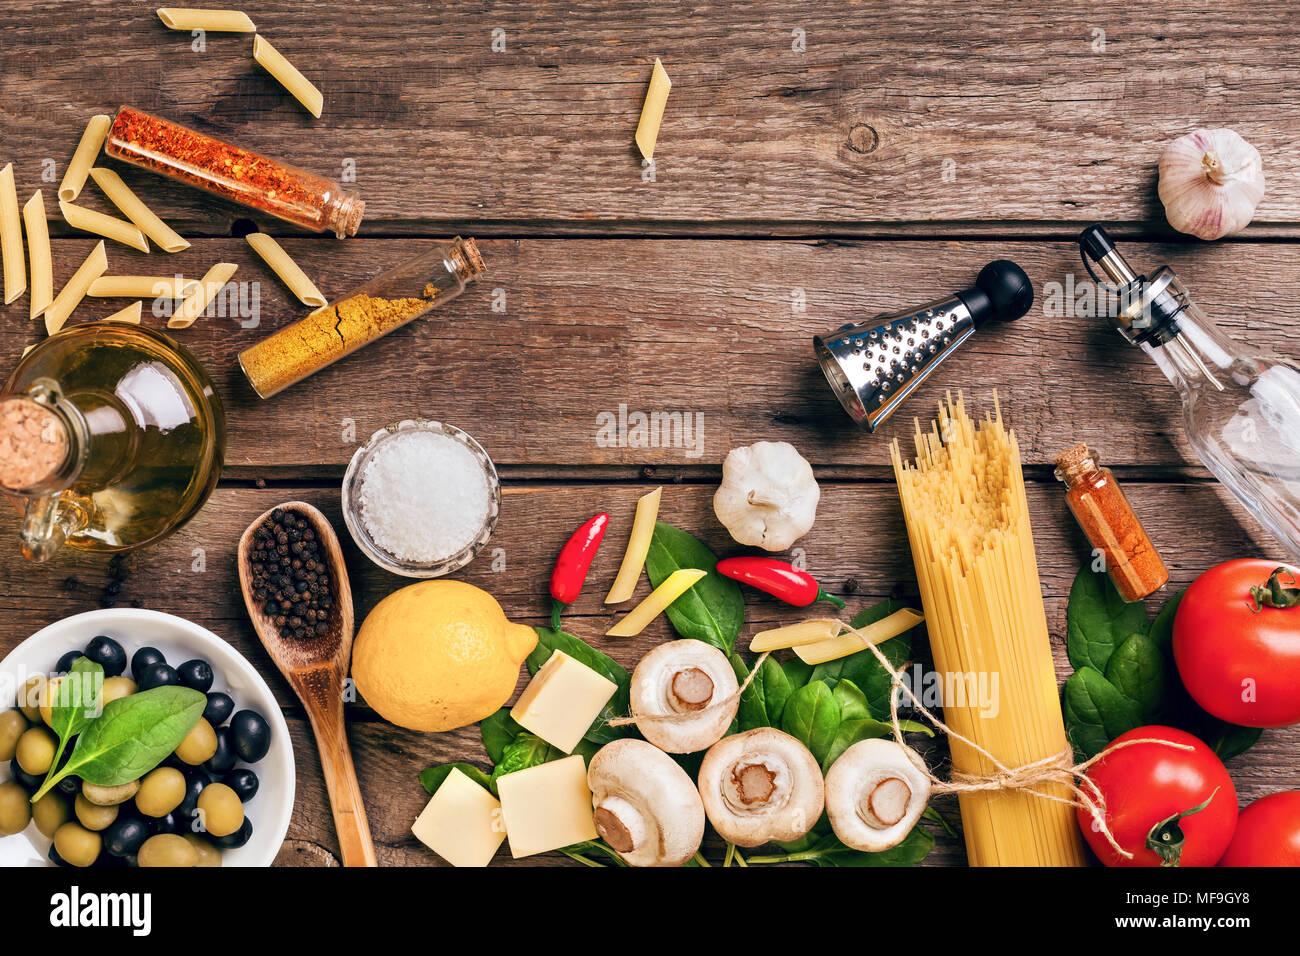 Il cibo italiano ingredienti per la preparazione della pasta su sfondo di legno Immagini Stock